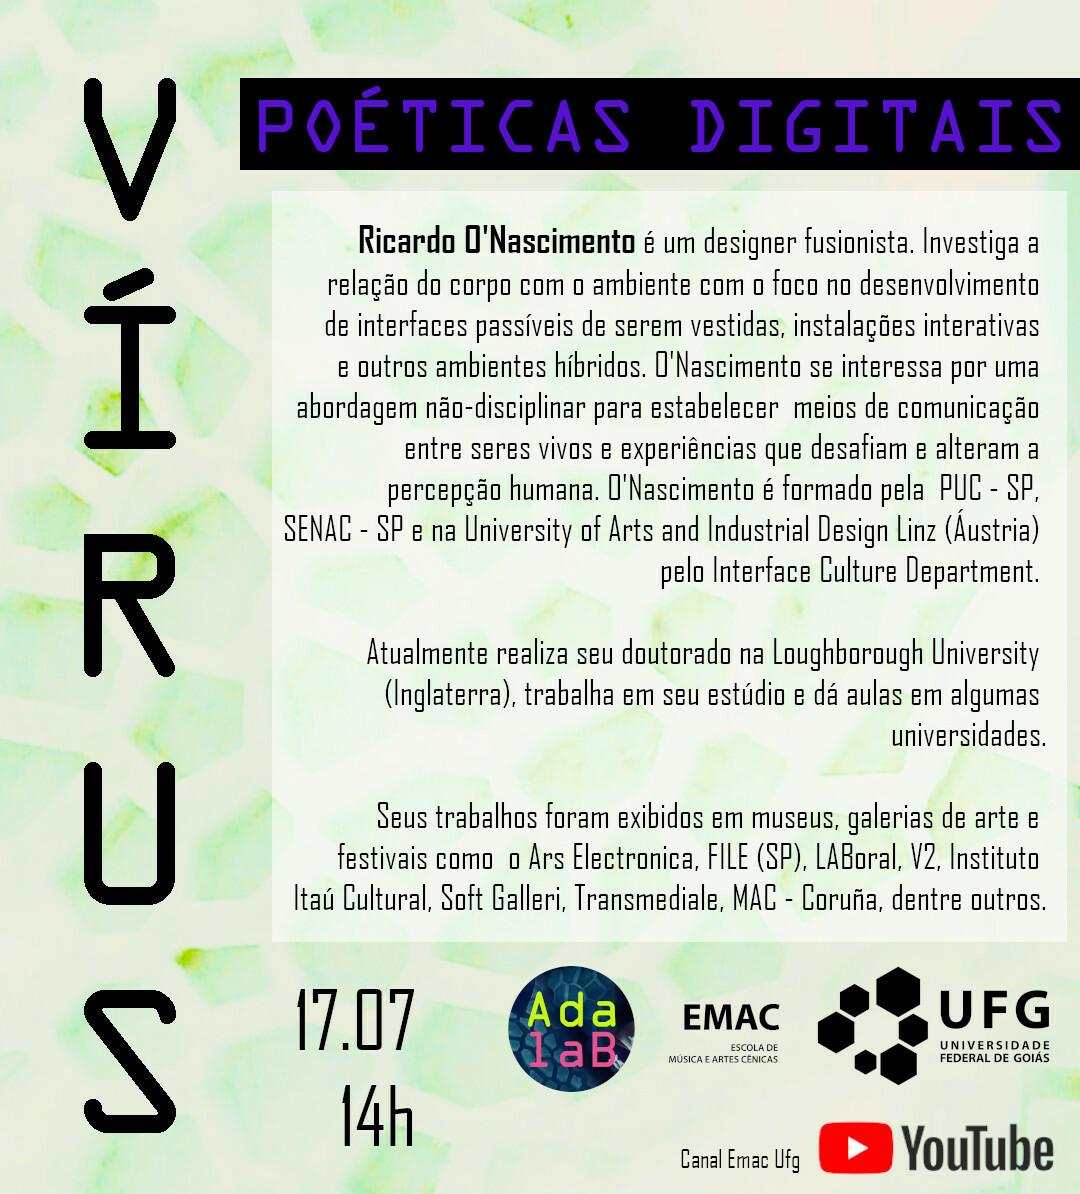 Vírus poéticas digitais Rafaela Pires 1